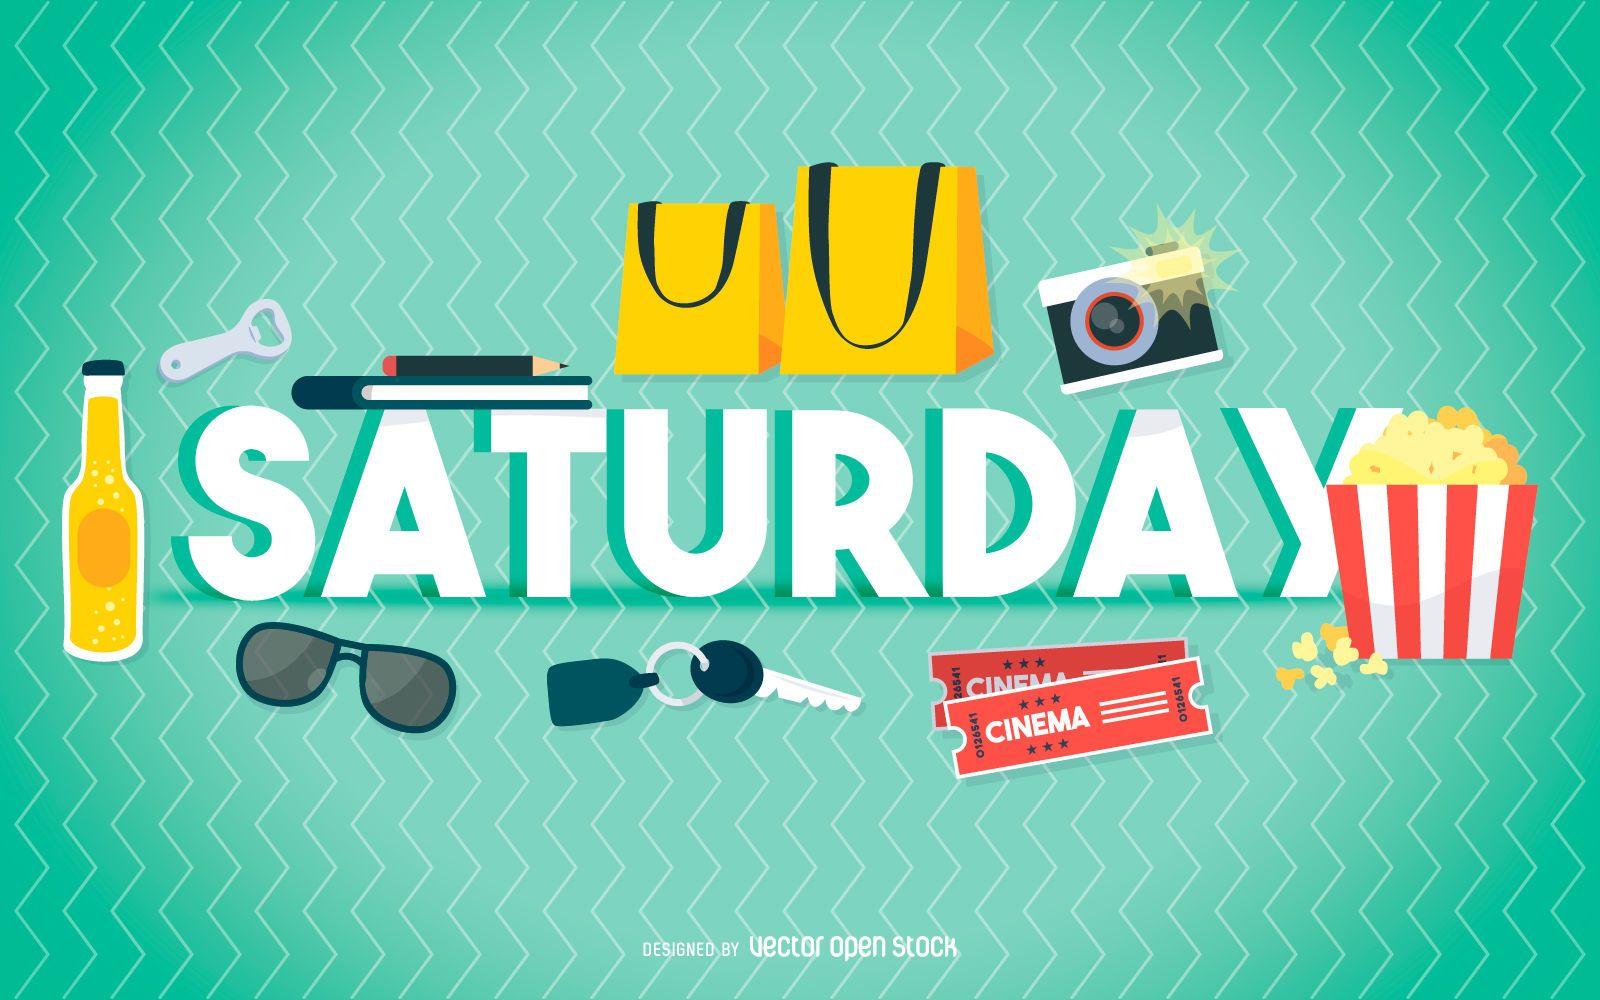 Cartel de entretenimiento del sábado